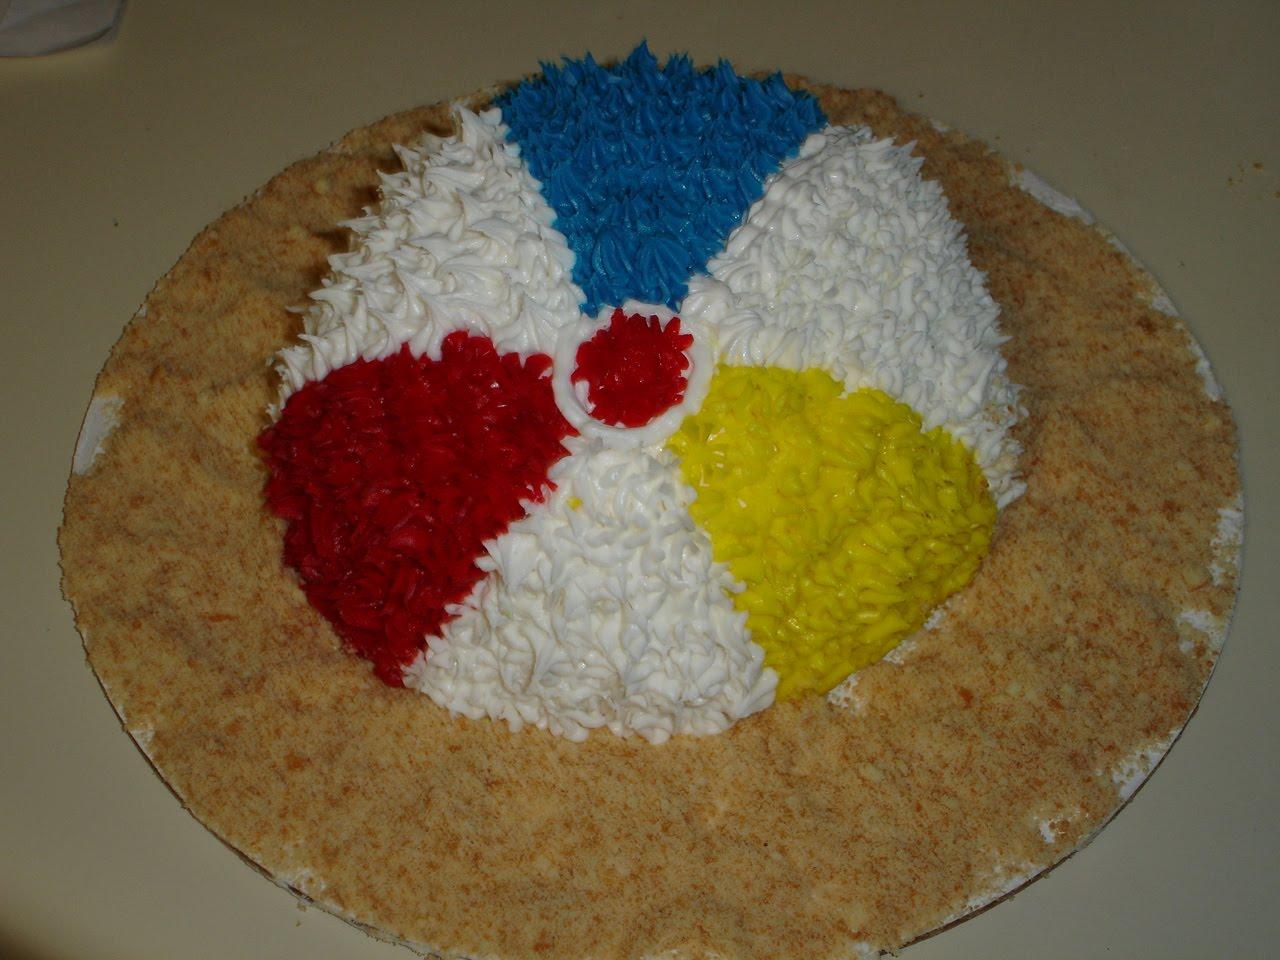 The Sugar Shack: Beach Ball Cake